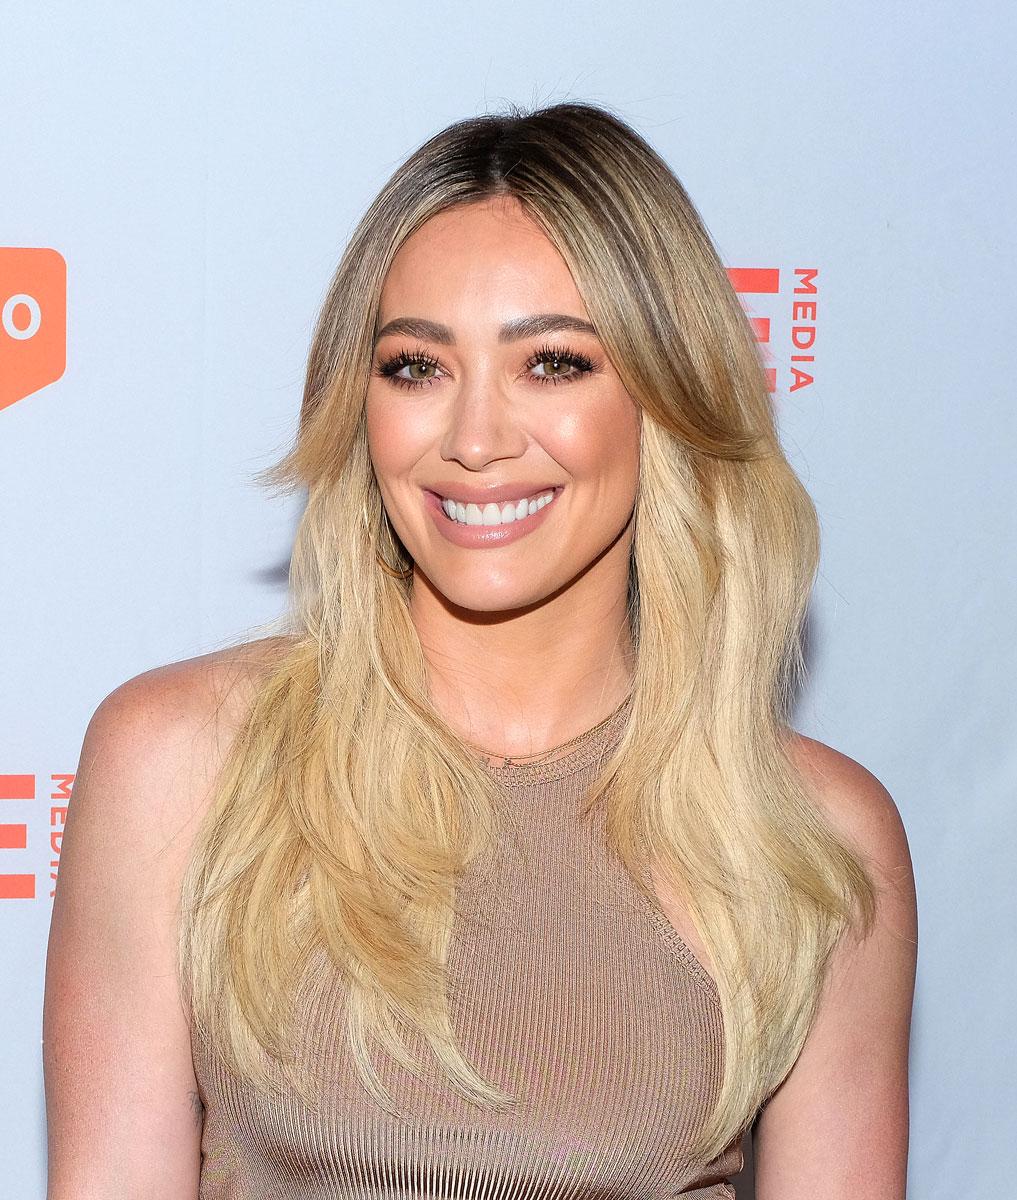 Hiustrendit 2021: näyttelijä Hilary Duffin keskijakaus.